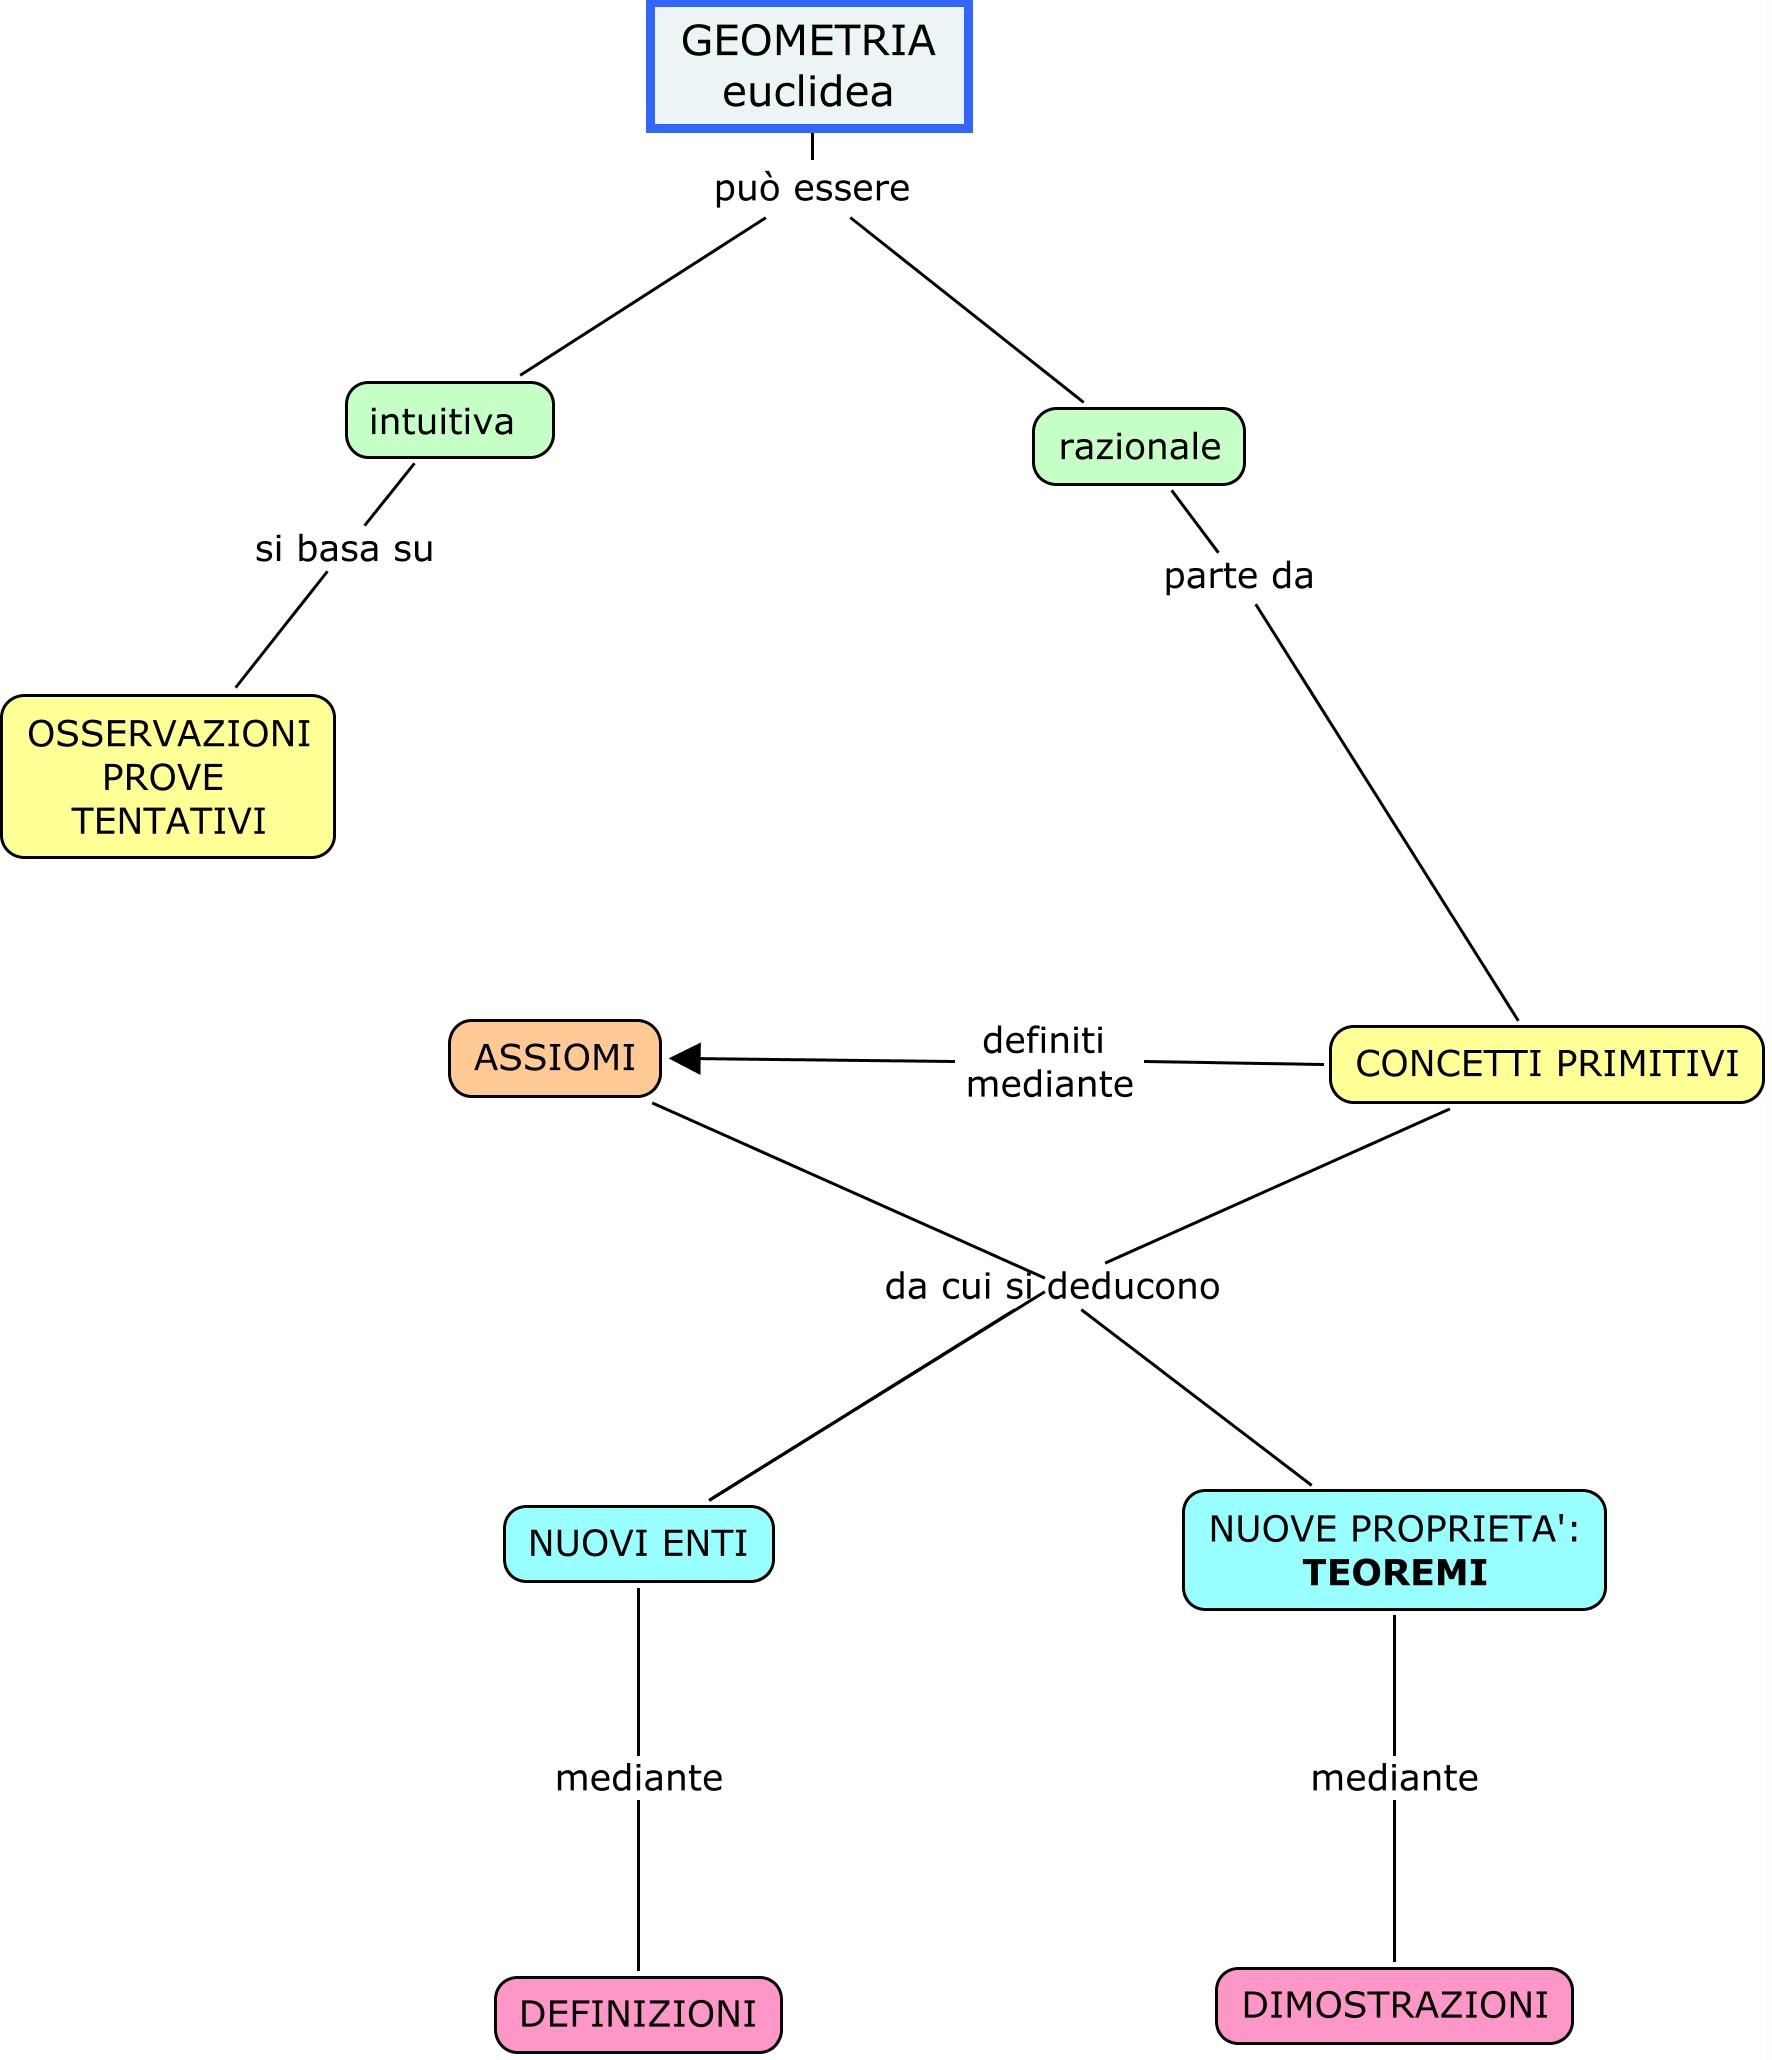 GEOMETRIA_E_-_Mappa_Concettuale